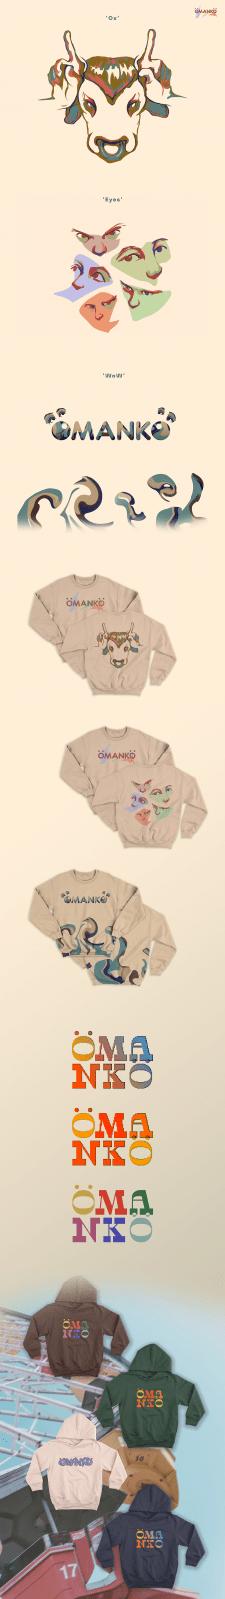 Принты для OMANKO